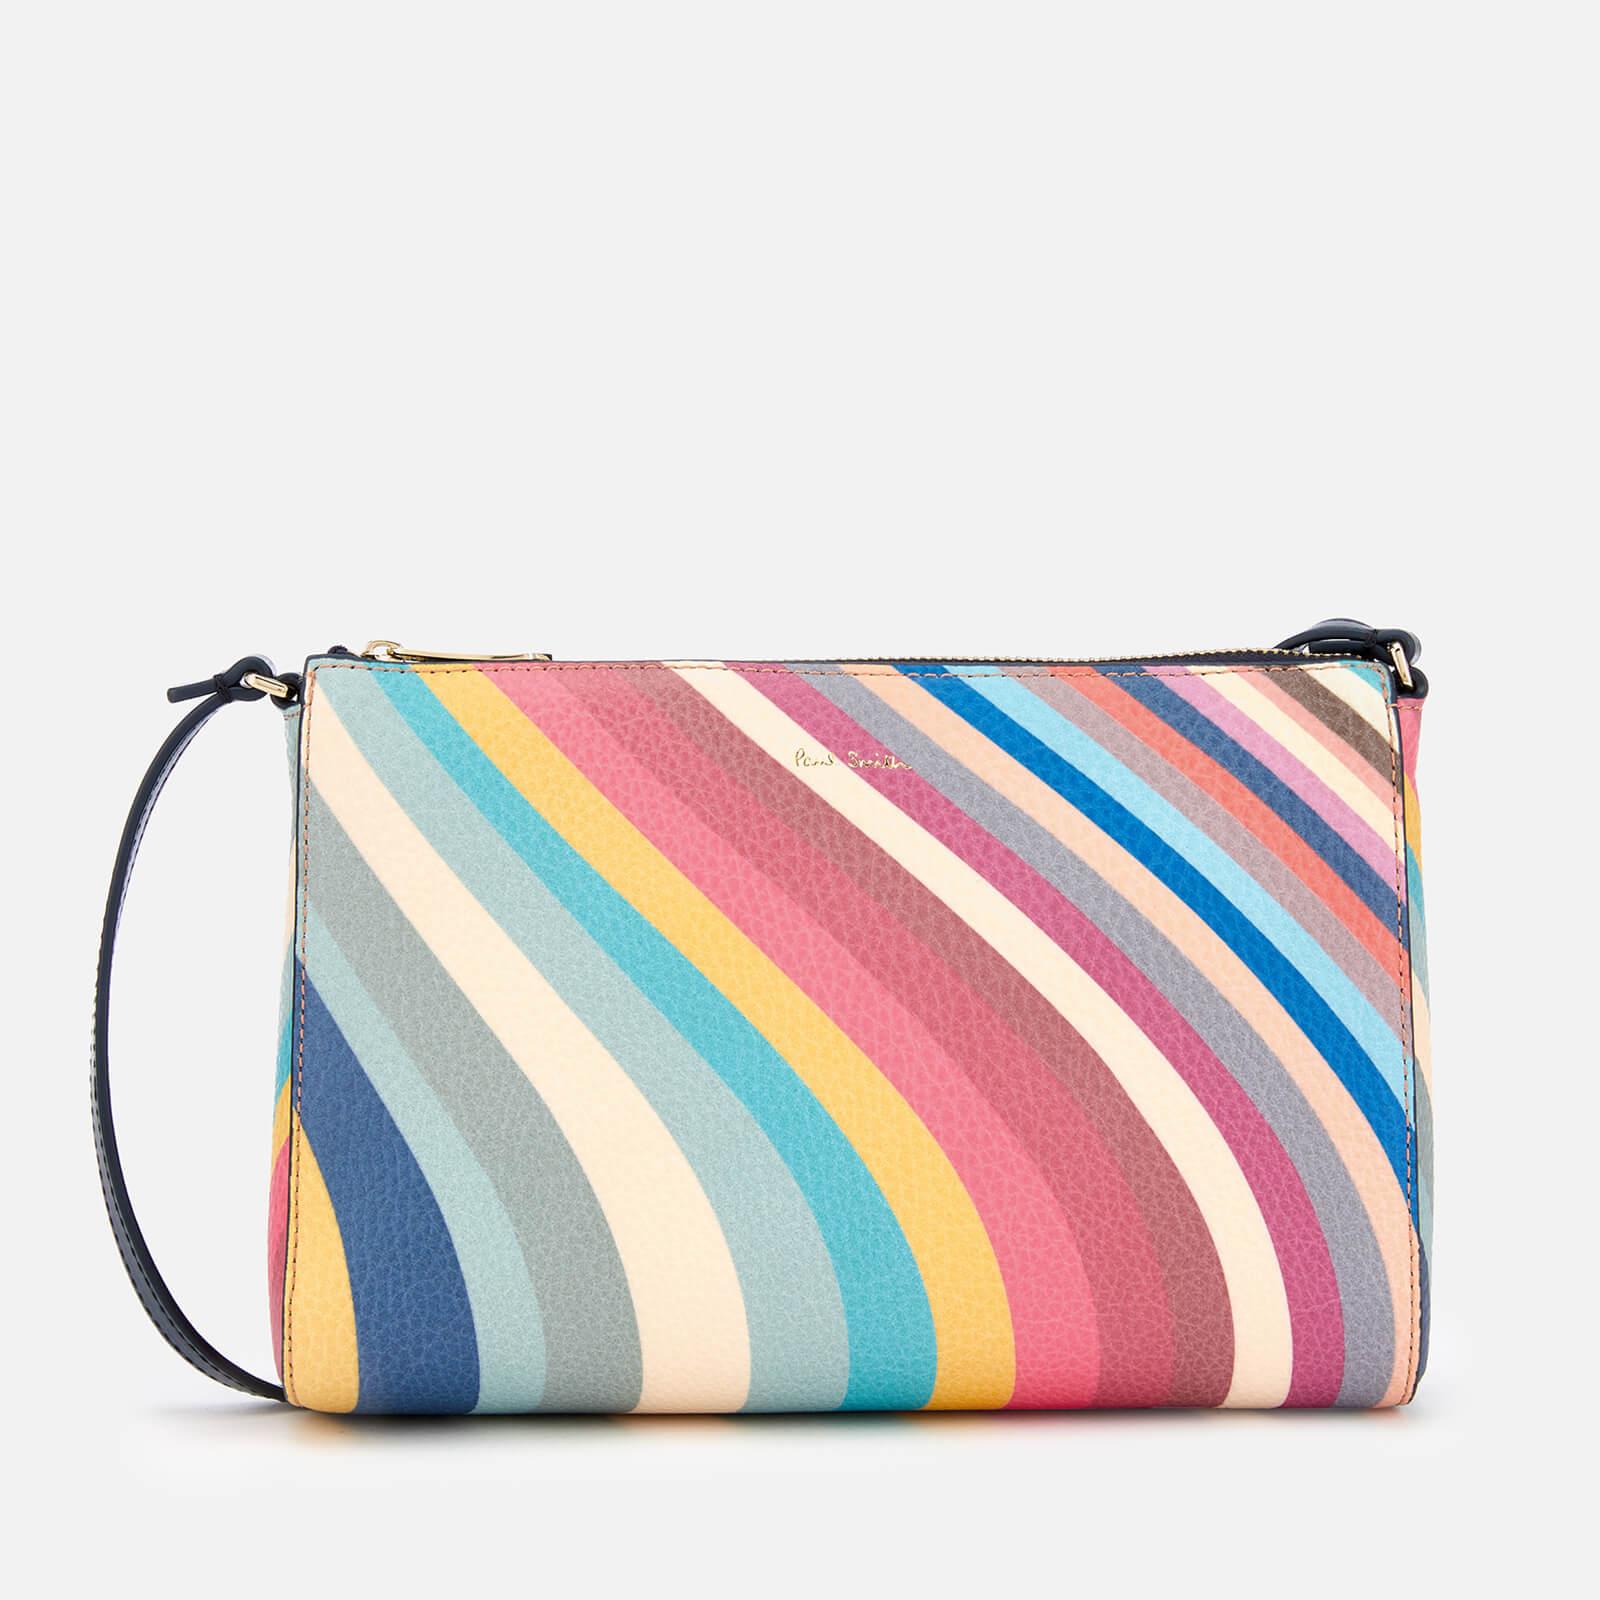 ba1e8c5557 Paul Smith Women's Swirl Pochette Bag - Multi - Free UK Delivery over £50